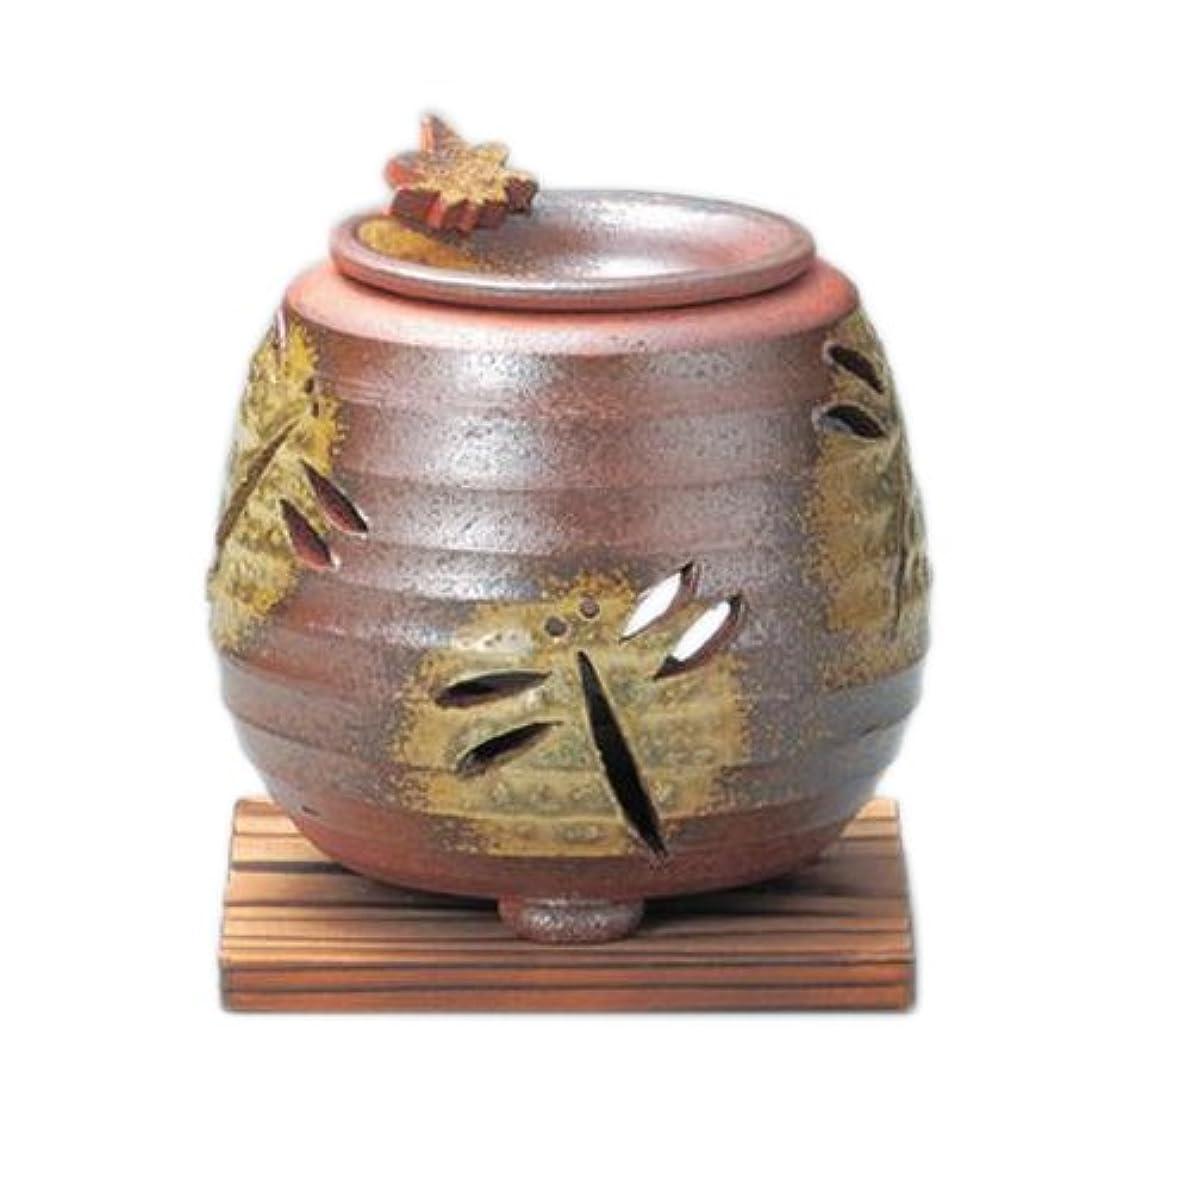 住むサイレン混乱した常滑焼3-830石龍 焼〆千段トンボ茶香炉 AM-T412